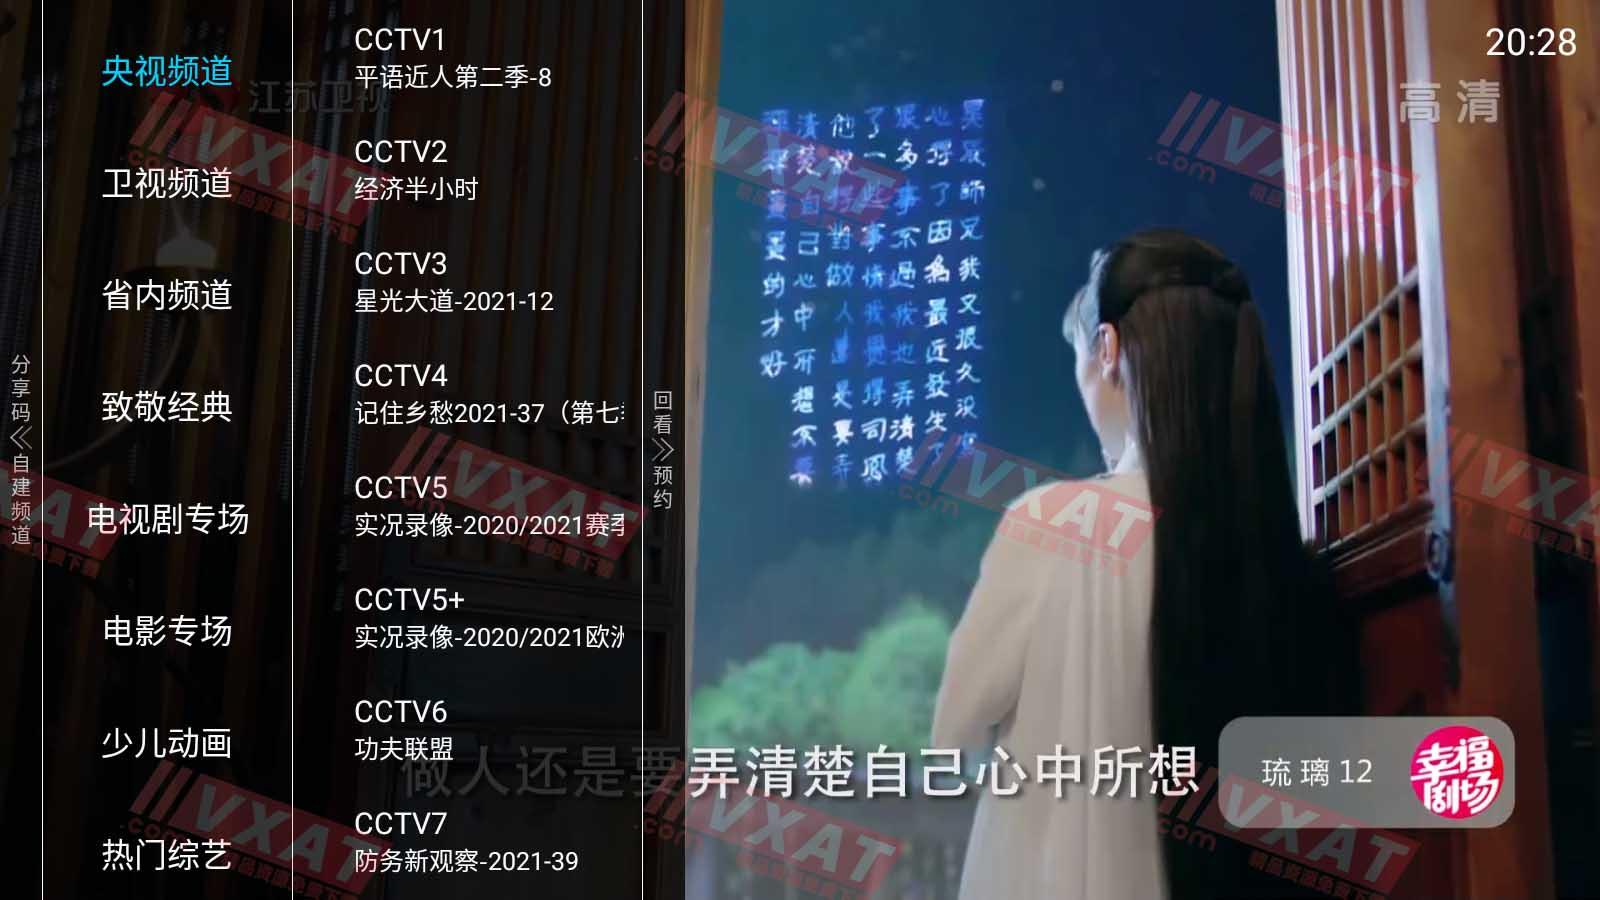 亿家直播 v1.2.4 去广告电视版 第1张